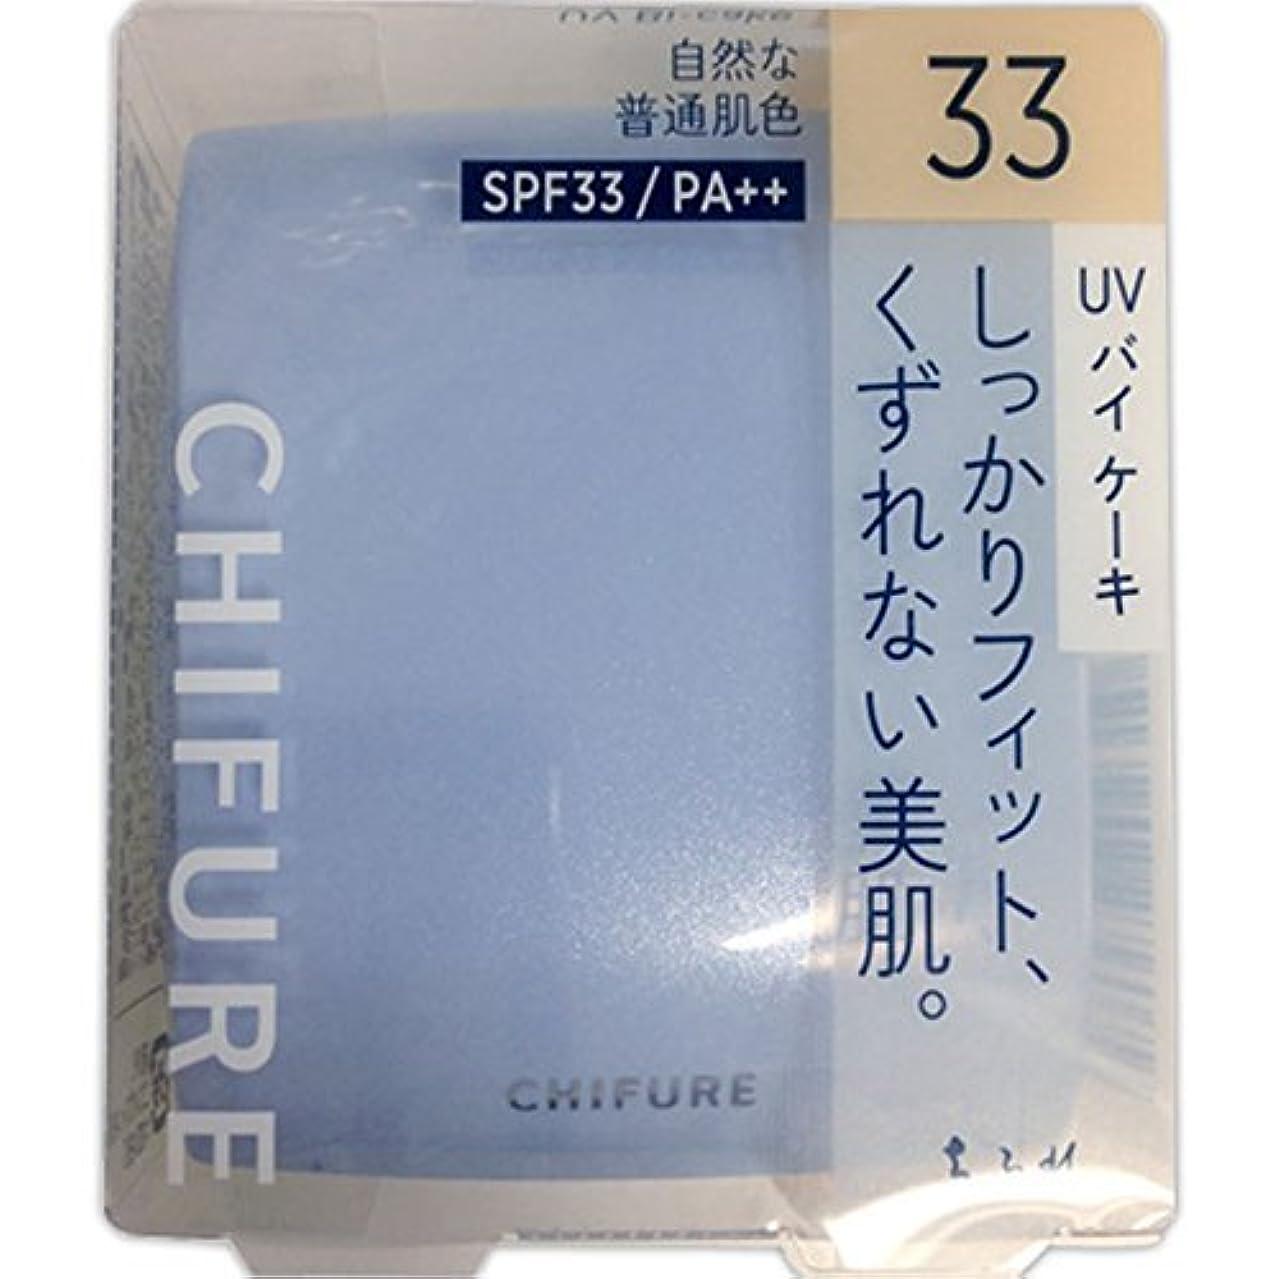 ポケットオートマトンサンプルちふれ化粧品 UV バイ ケーキ(スポンジ入り) 33 自然な普通肌色 14g